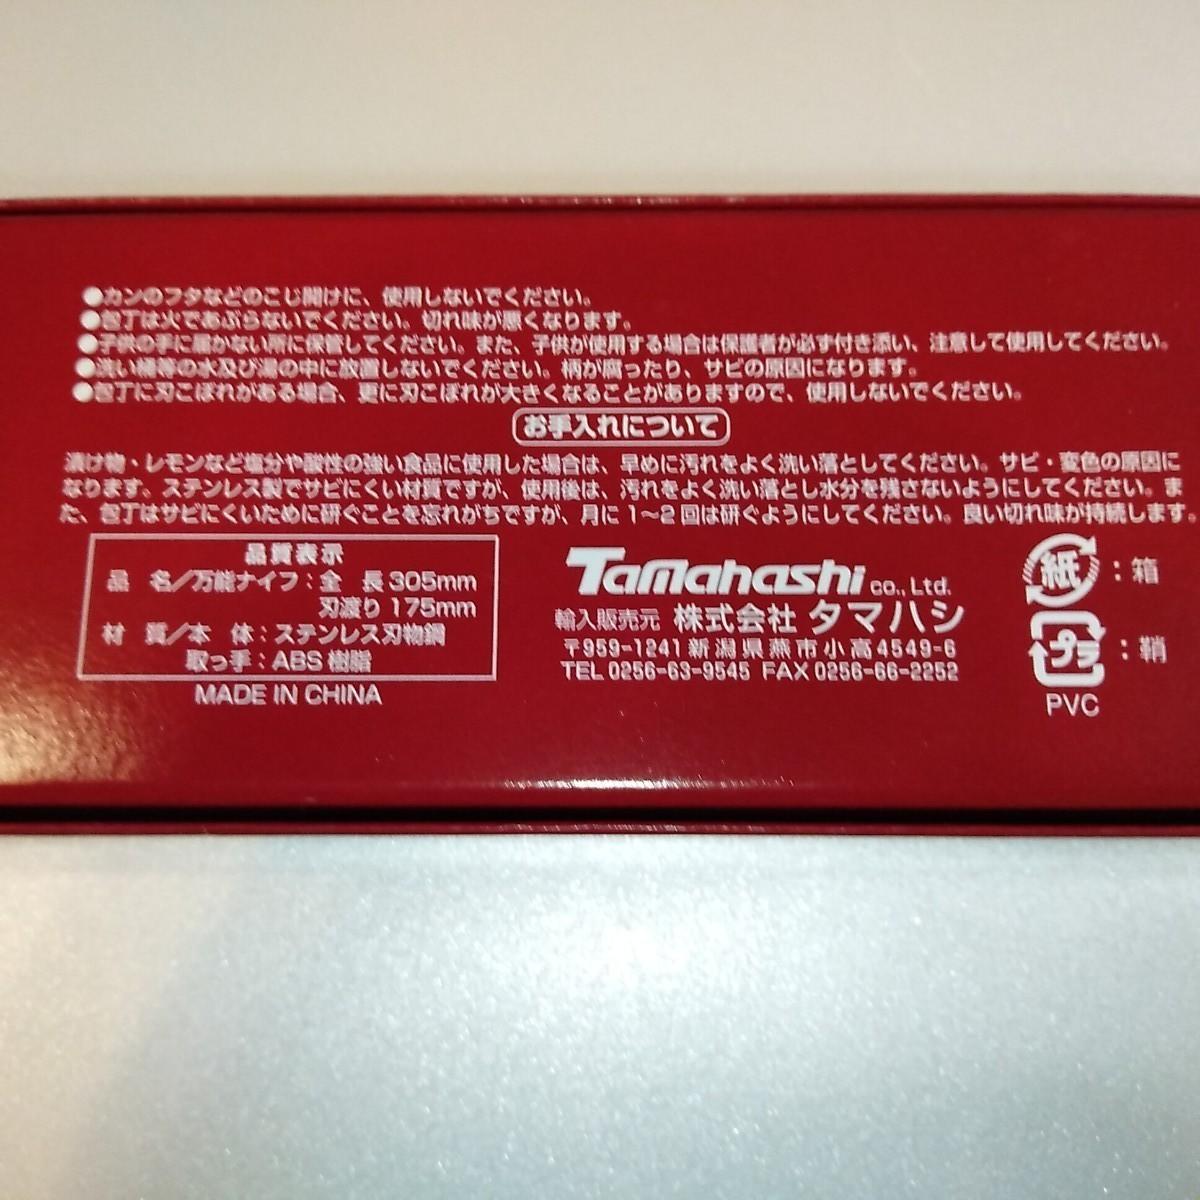 タマハシ 万能 ナイフ LA BETTOLA ( ラベットラ ) 2本セット 包丁 三徳 調理 刃物 料理 tamahashi